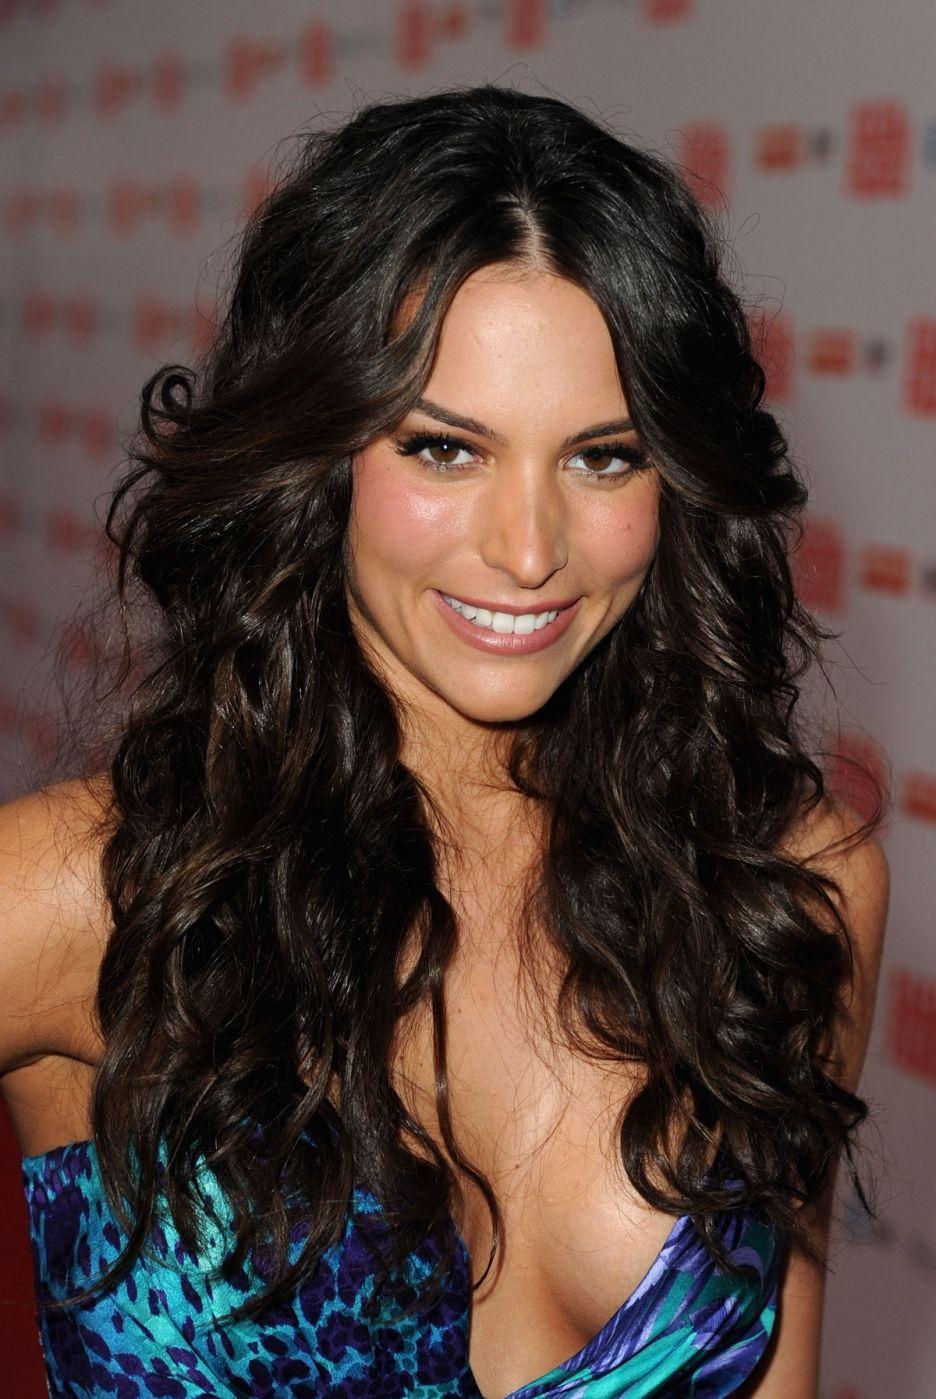 Génesis Rodríguez is een Amerikaans actrice. Ze is vooral bekend ...